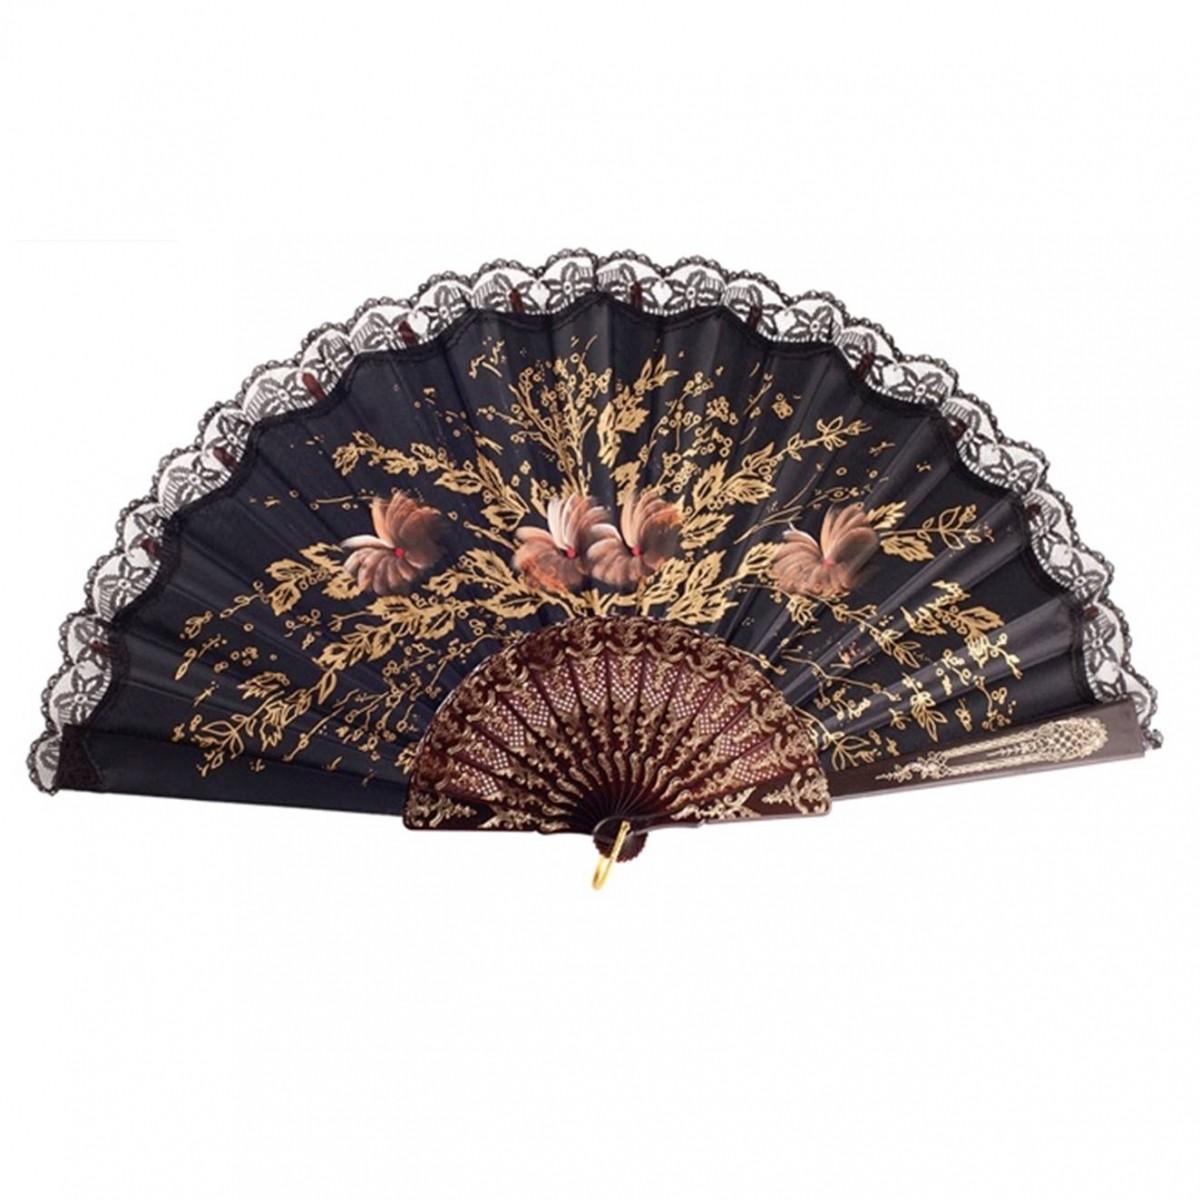 ABANICO SEMI PERICÓN 27cm leque flamenco grande floral preto